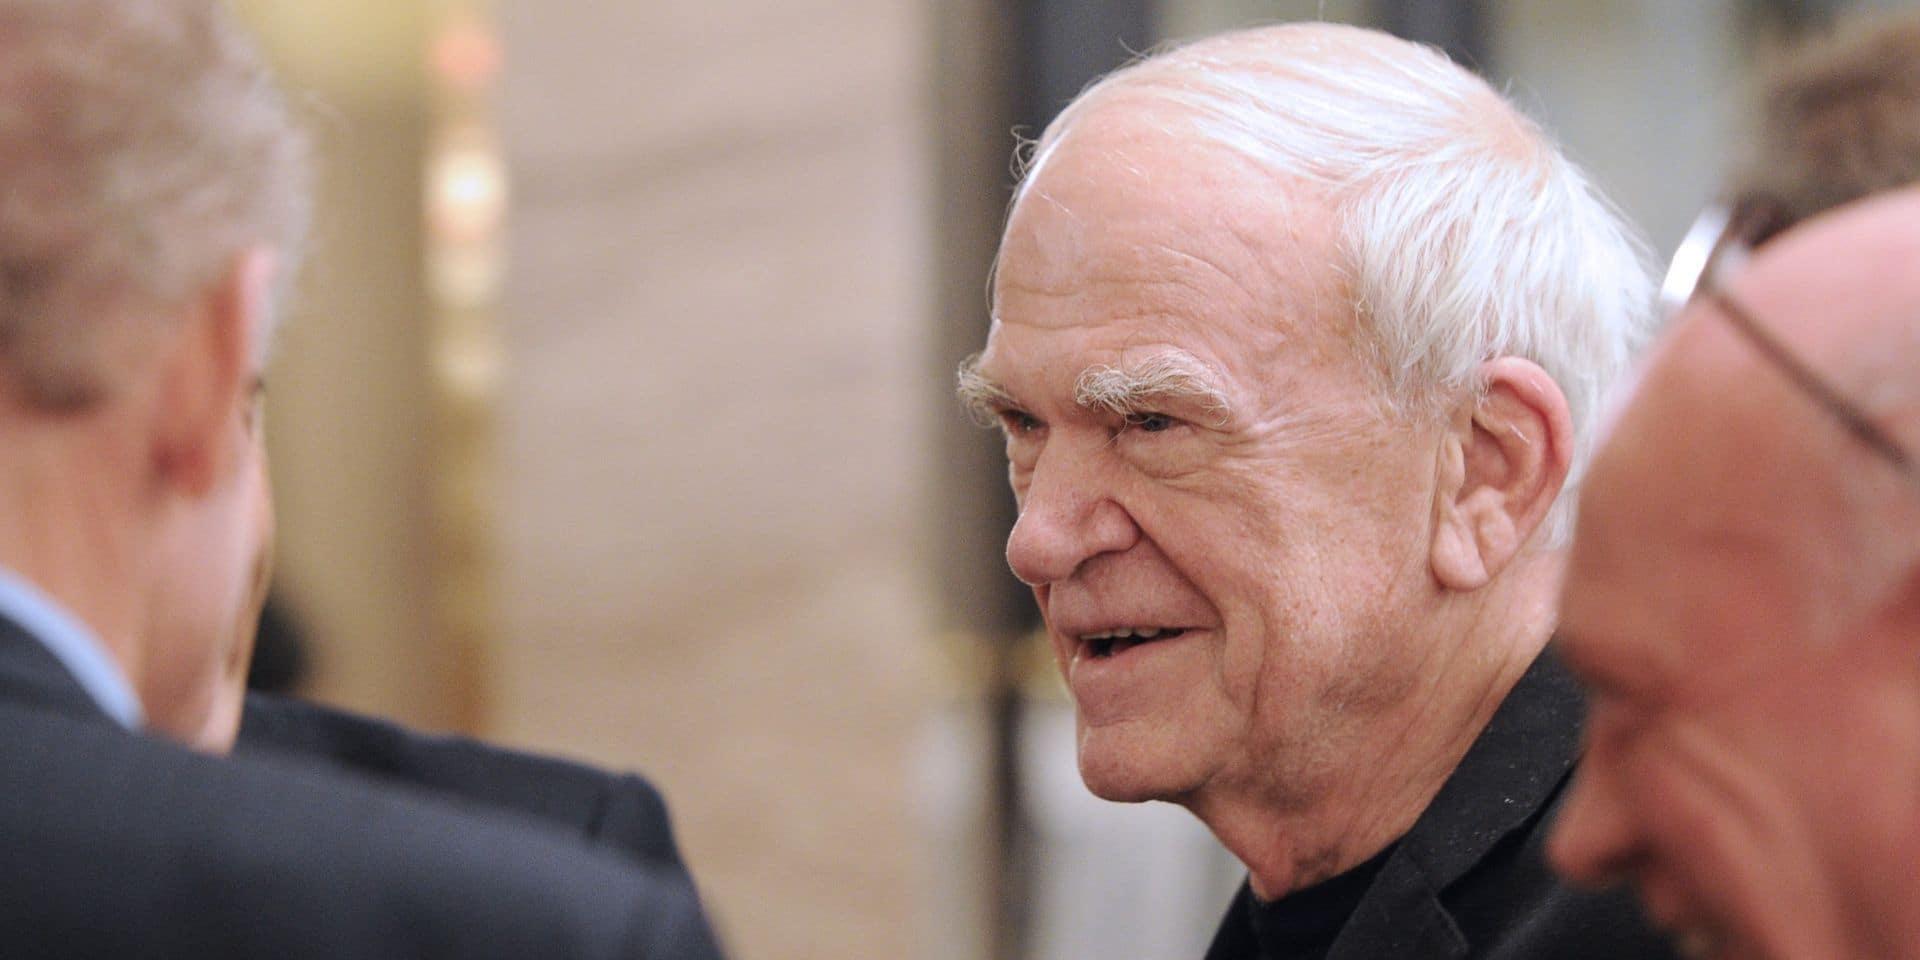 L'écrivain Milan Kundera reçoit la citoyenneté tchèque